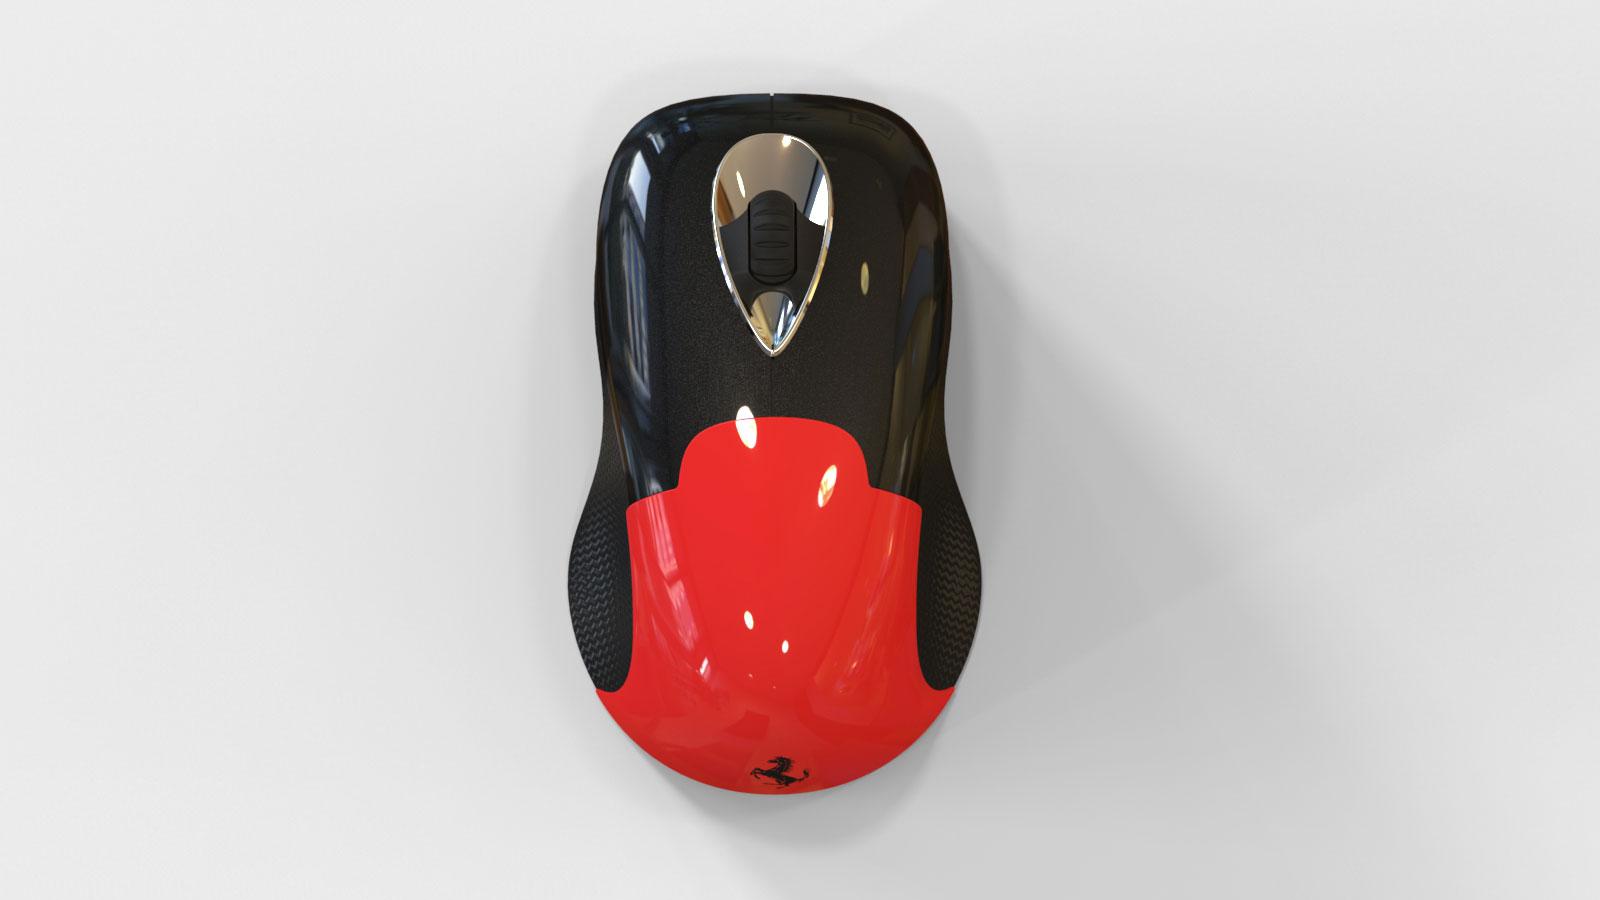 ferrari-mouse-5.jpg